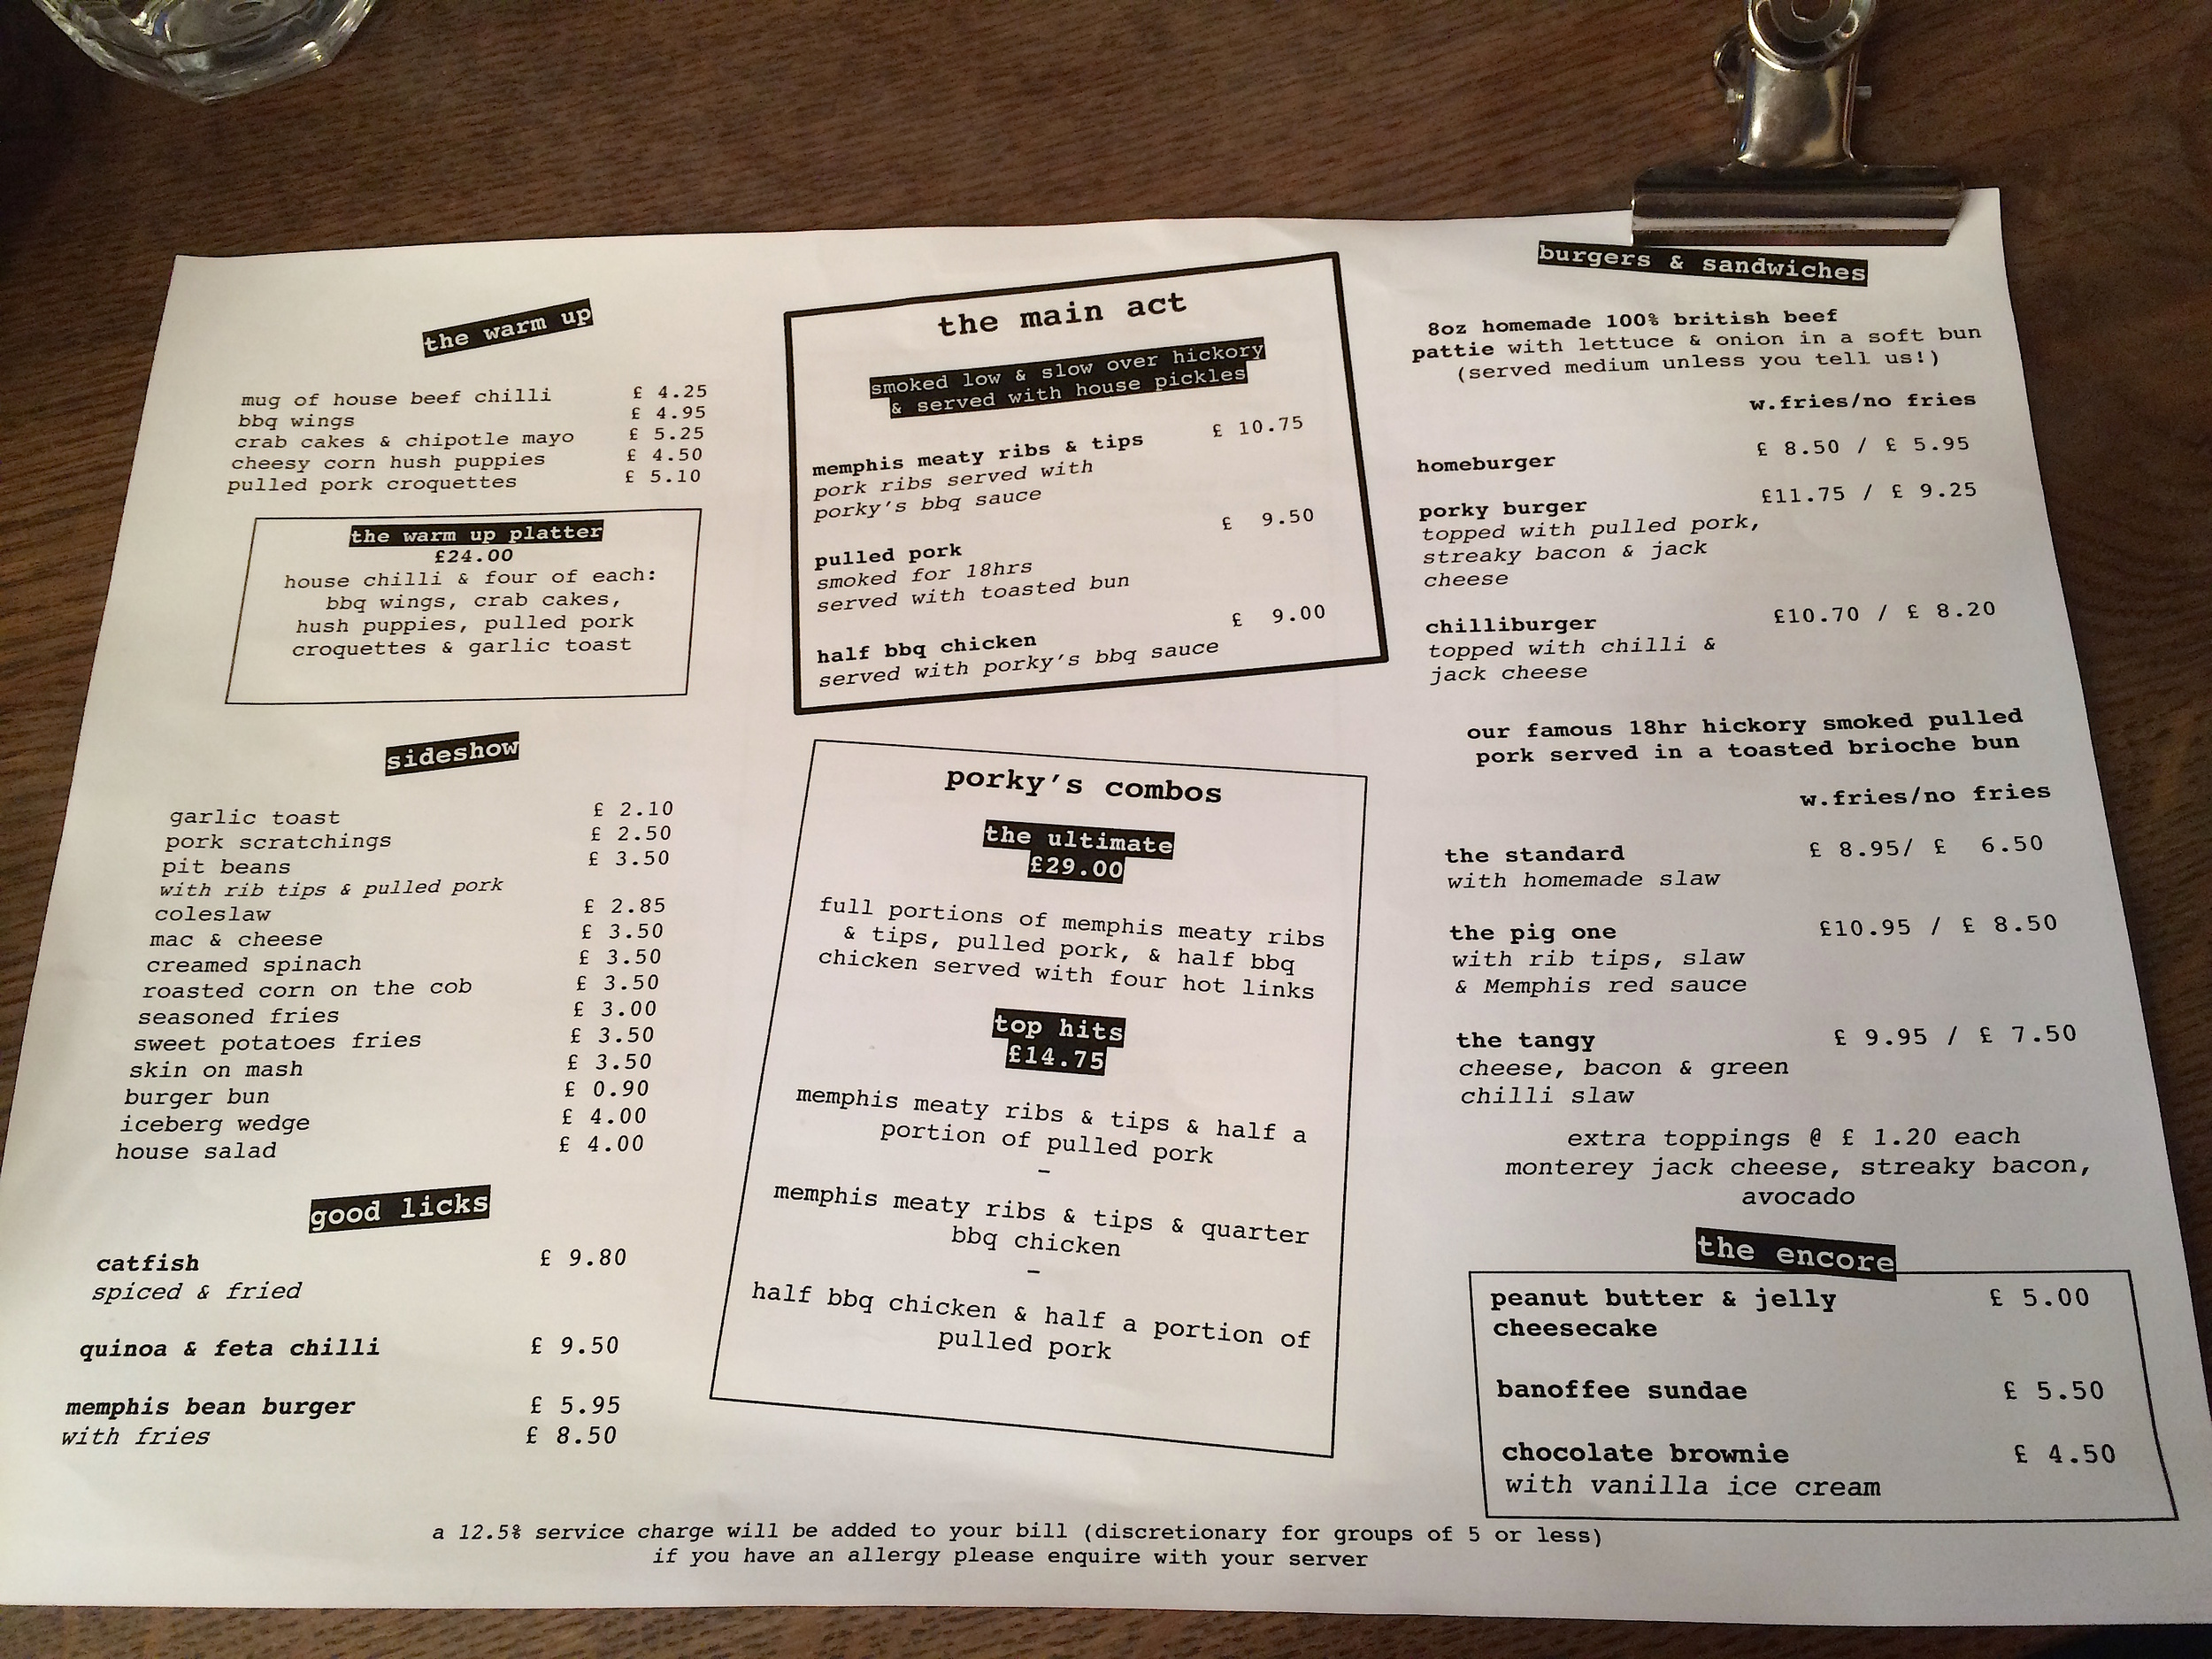 porkys menu.JPG